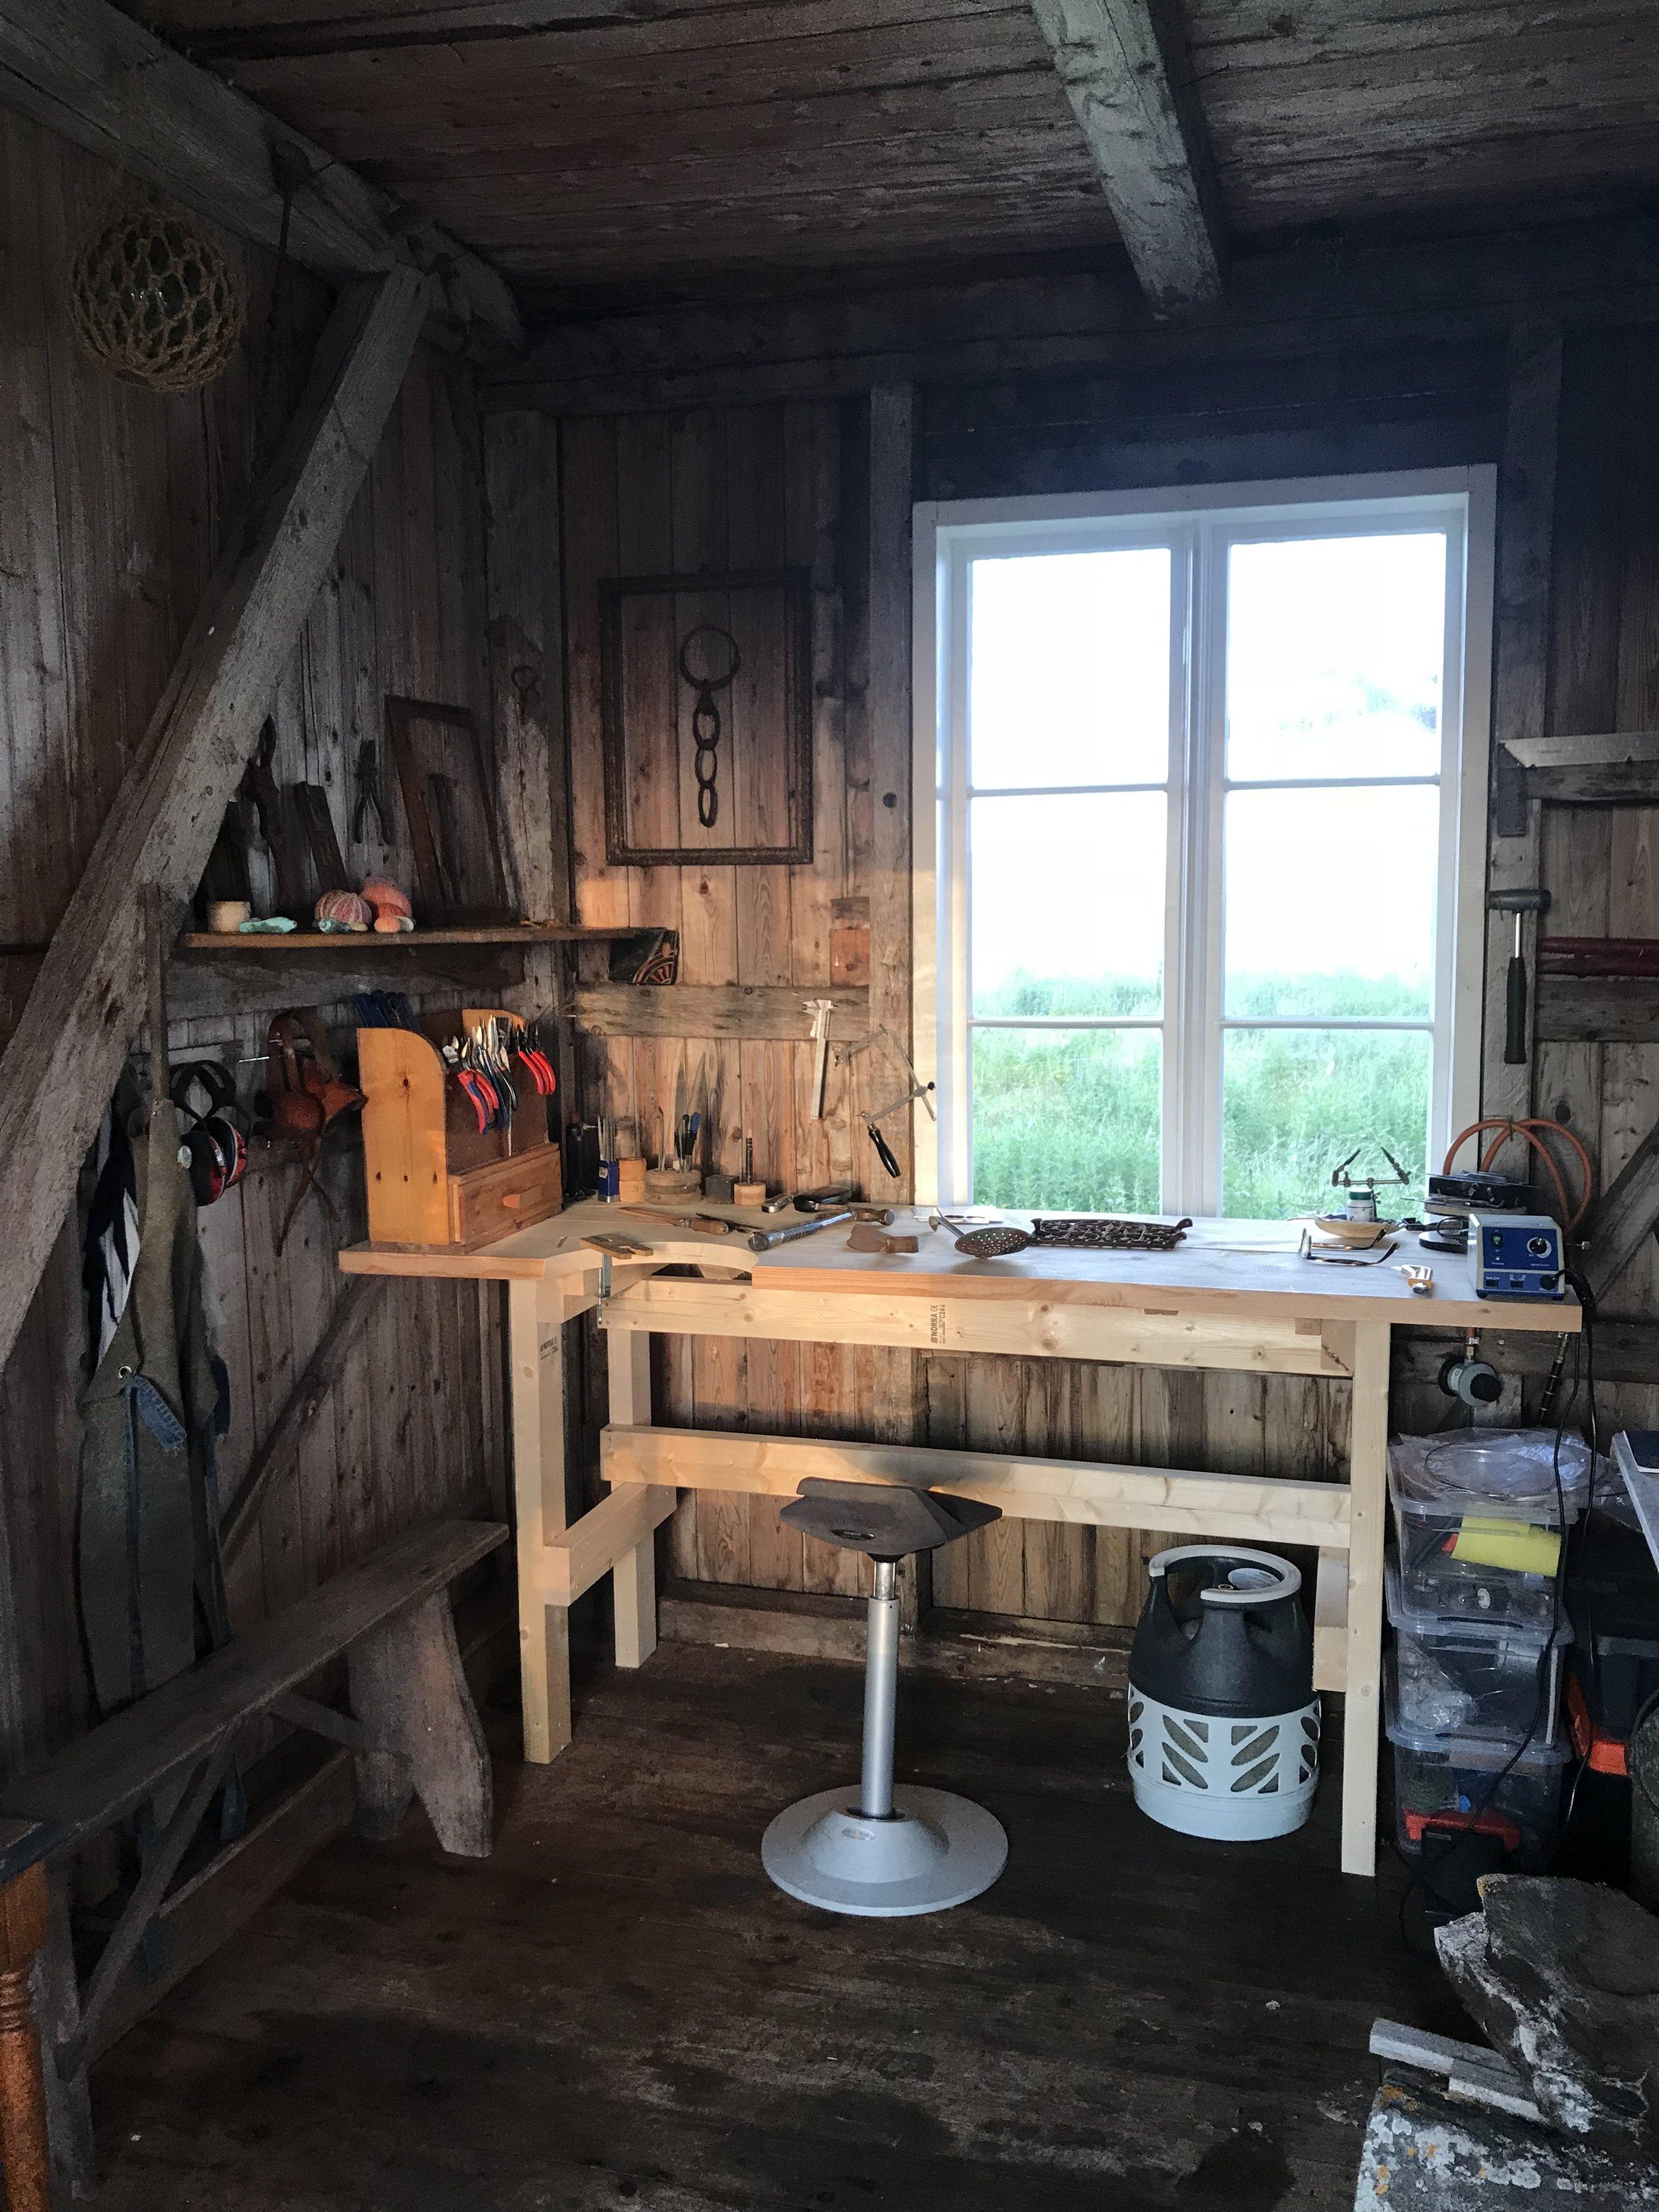 Temporale summer workshop